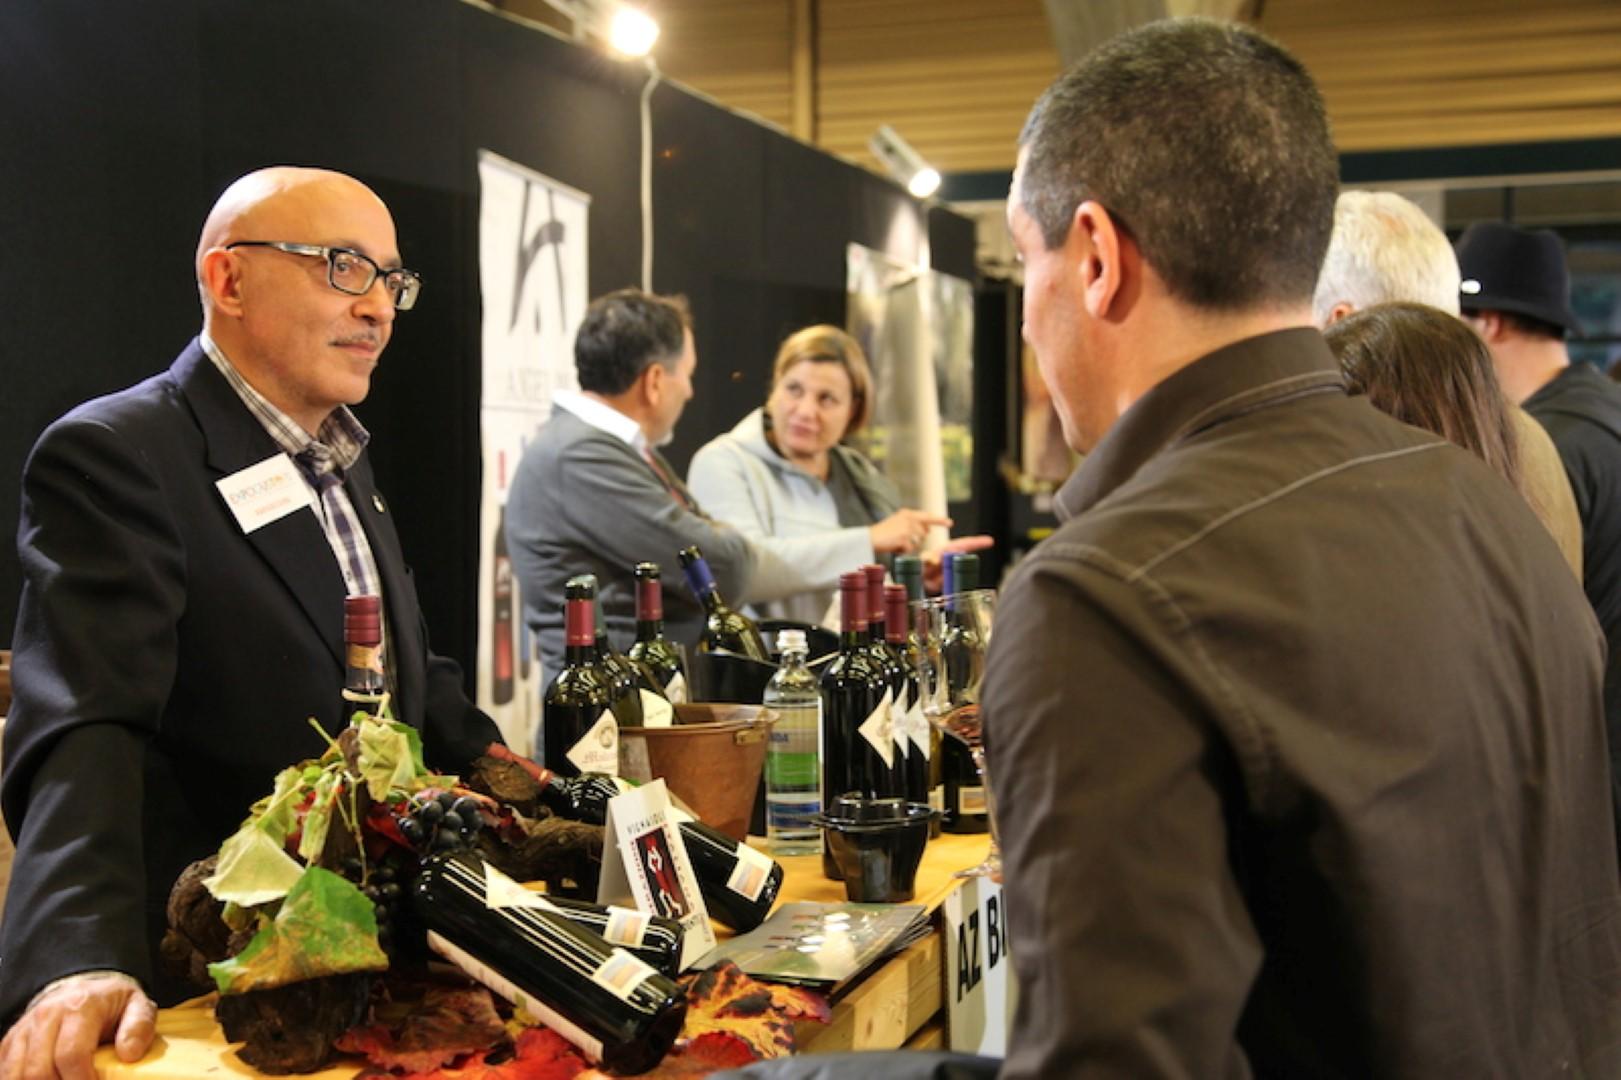 Expogusto: ad Arezzo il meglio dell'agroalimentare italiano